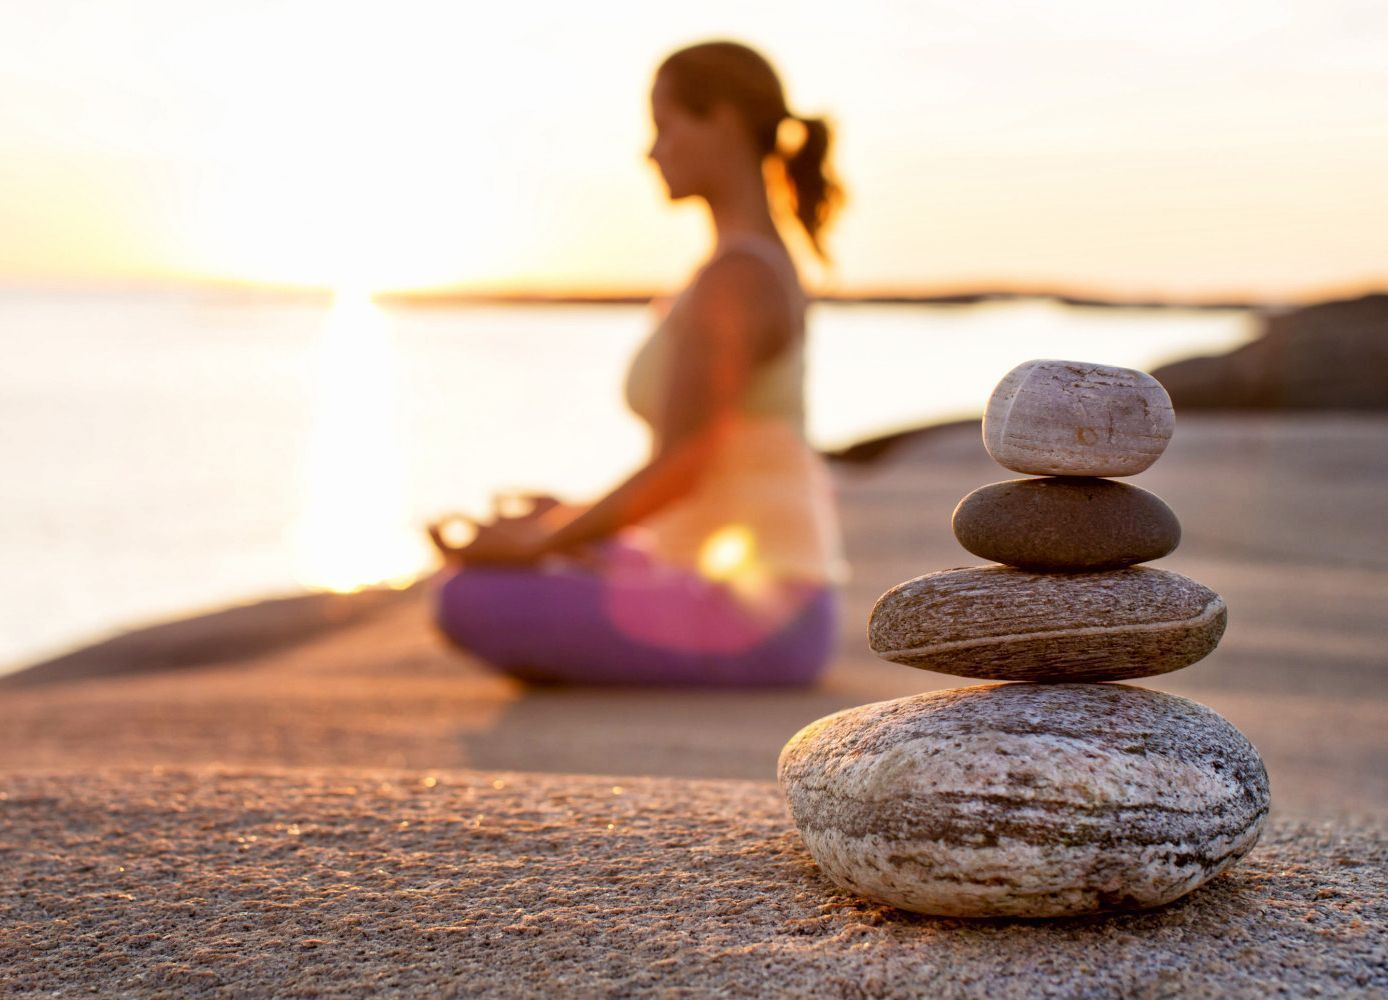 Лучшие книги по медитации: список самых эффективных